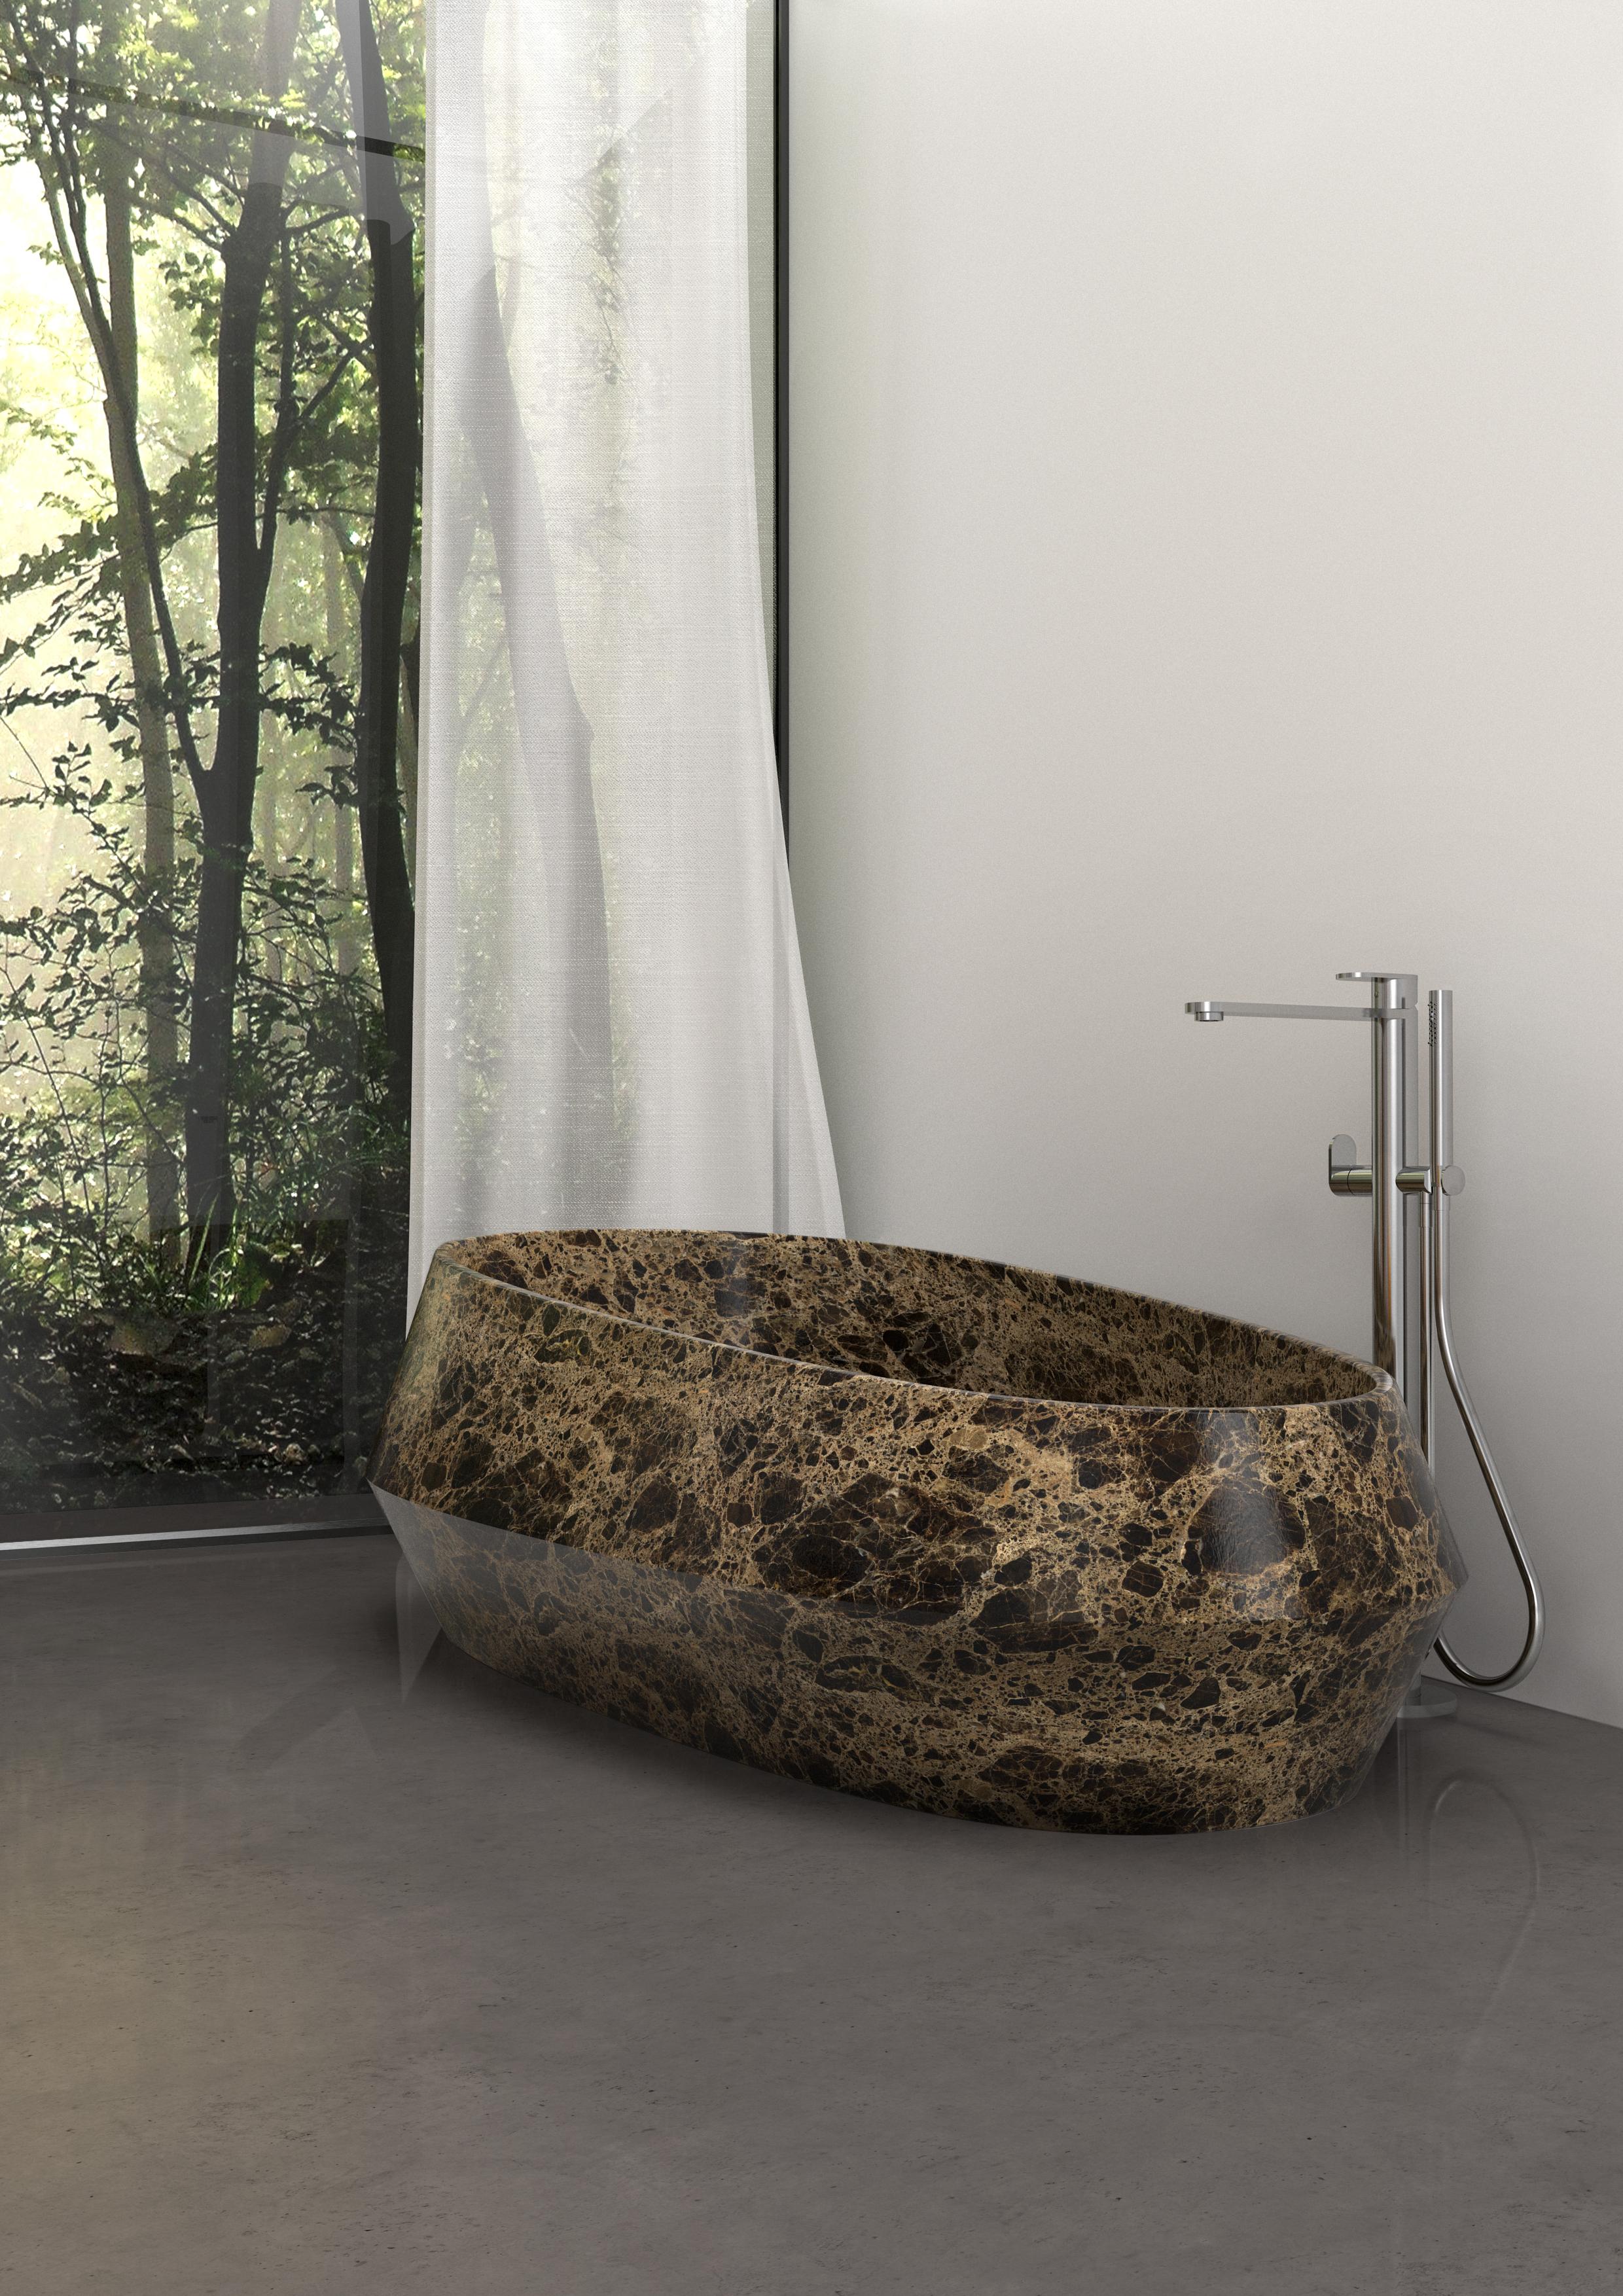 Tosca Bath | Marmi Serafini